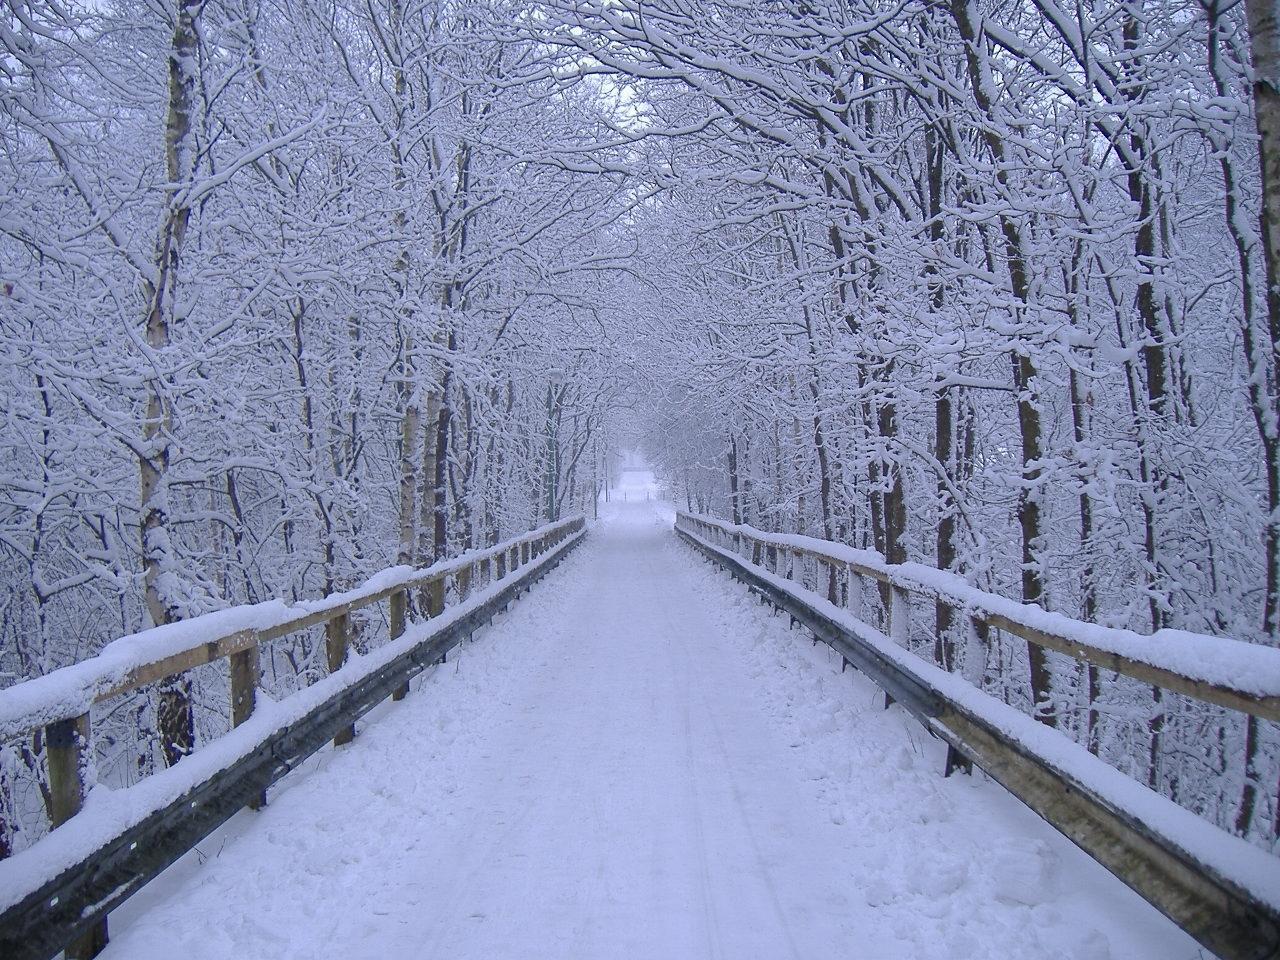 Desktop Wallpapers Winter Scenes 1280x960